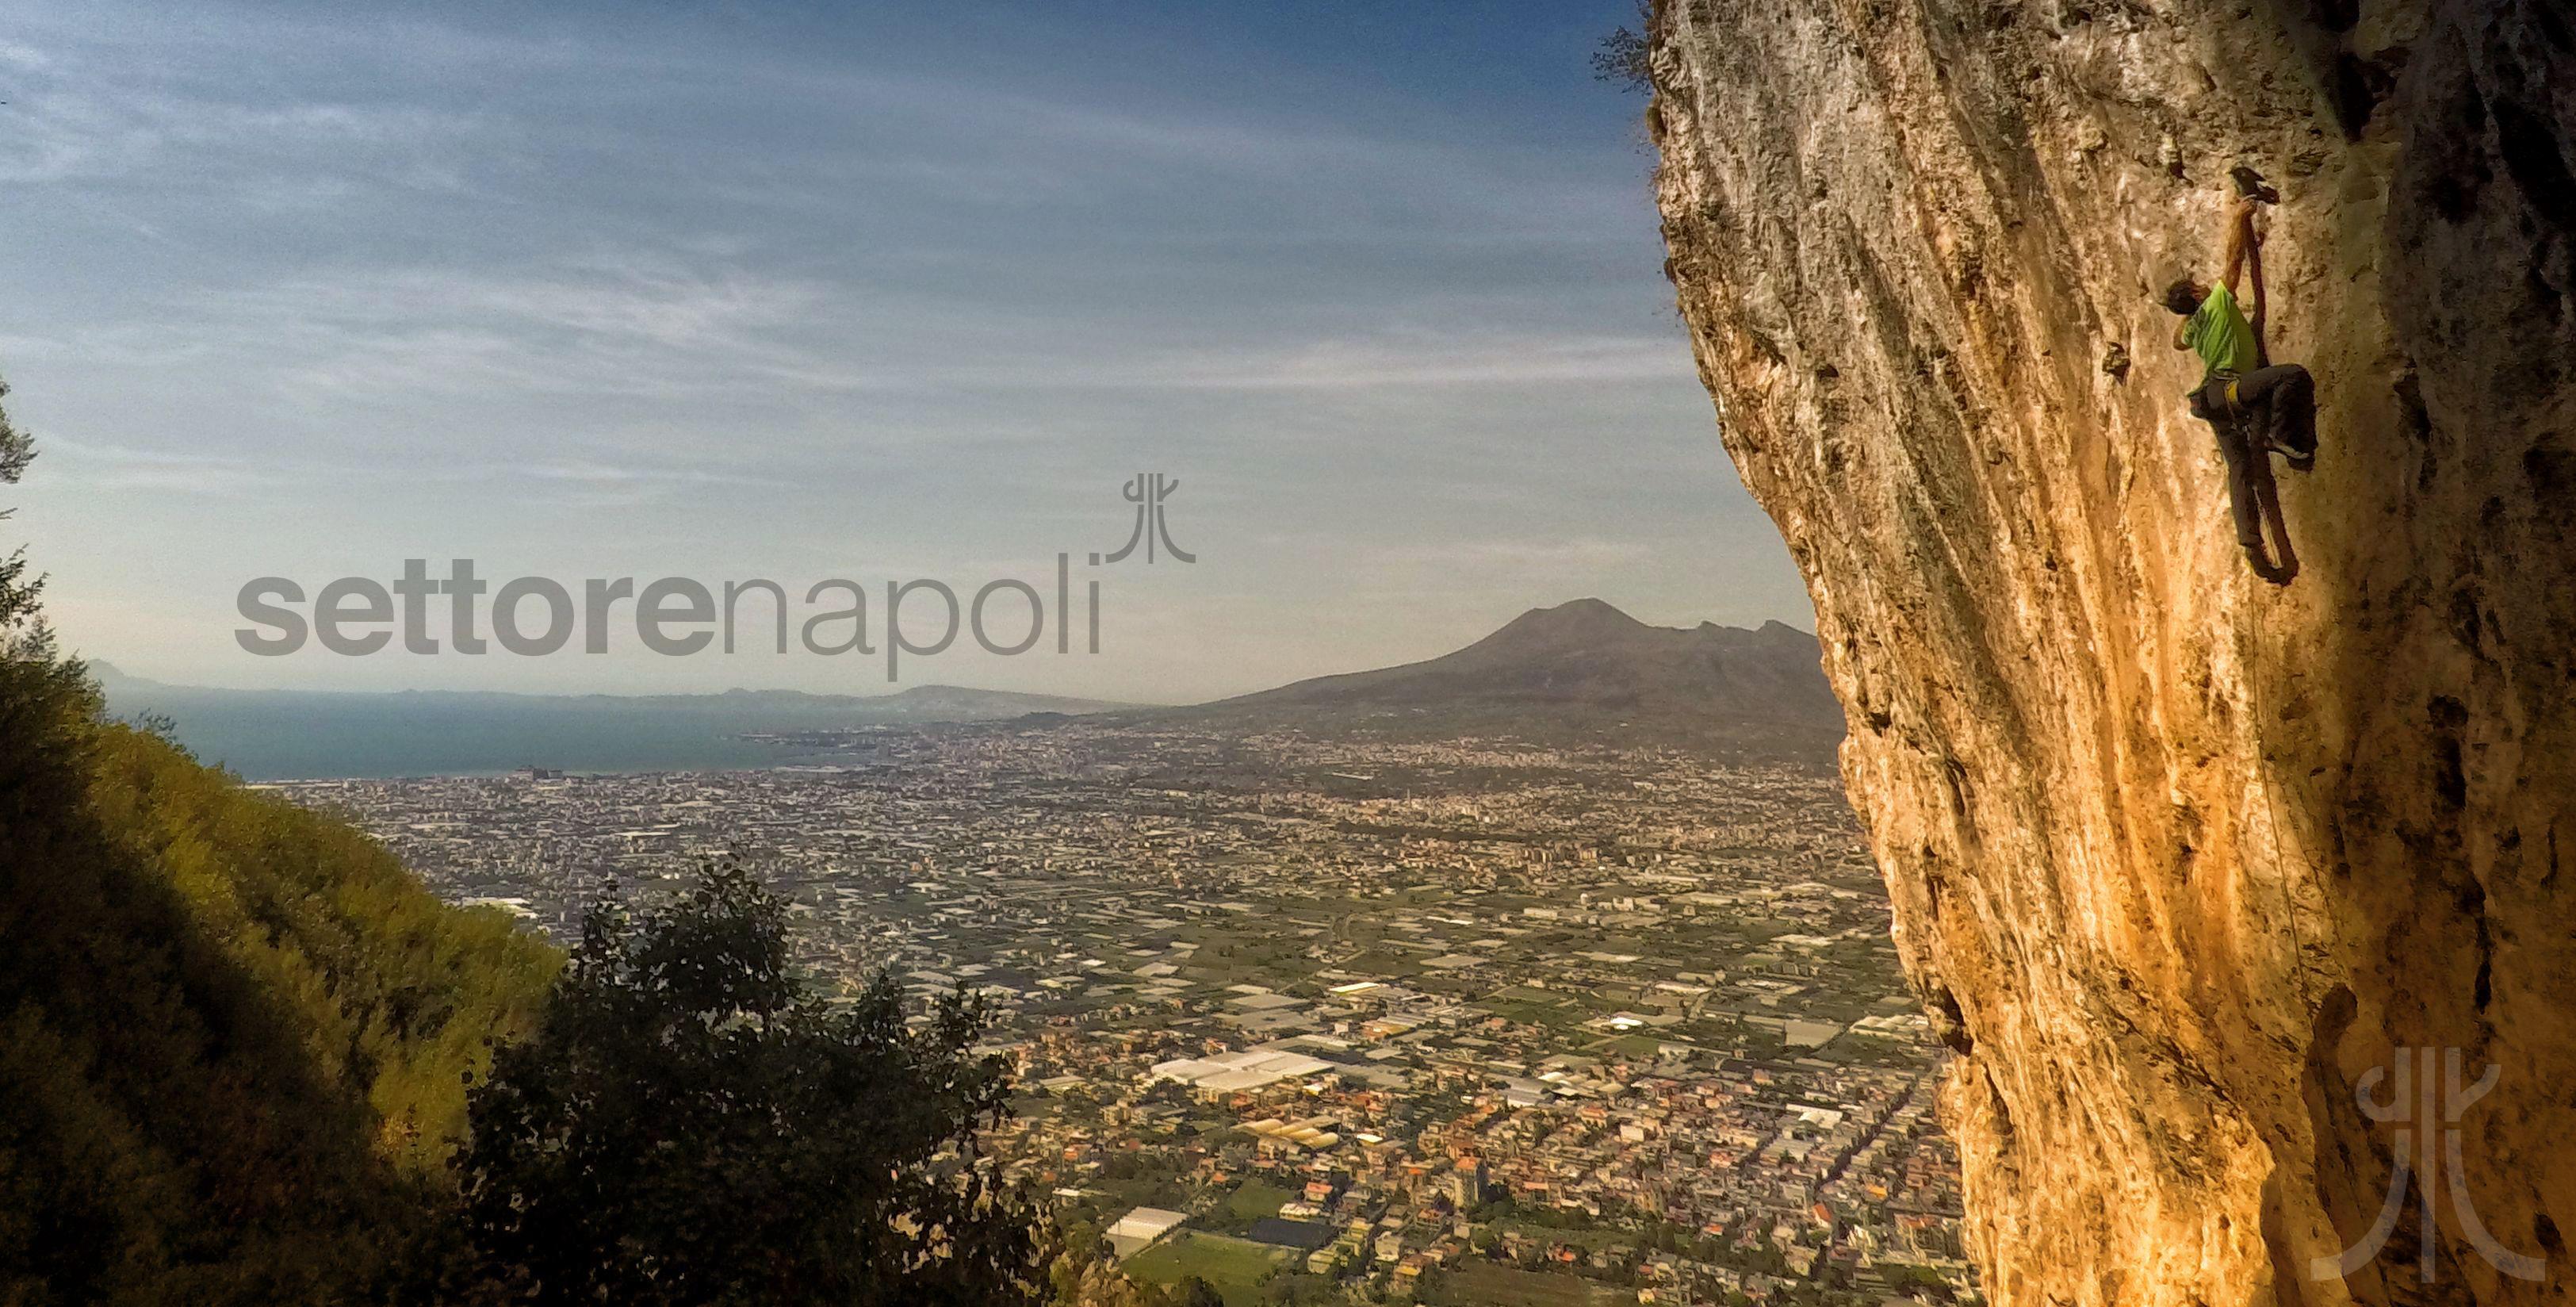 climbing napoli arrampicata napoli vesuvio vesuvius vulcano escalada escalade